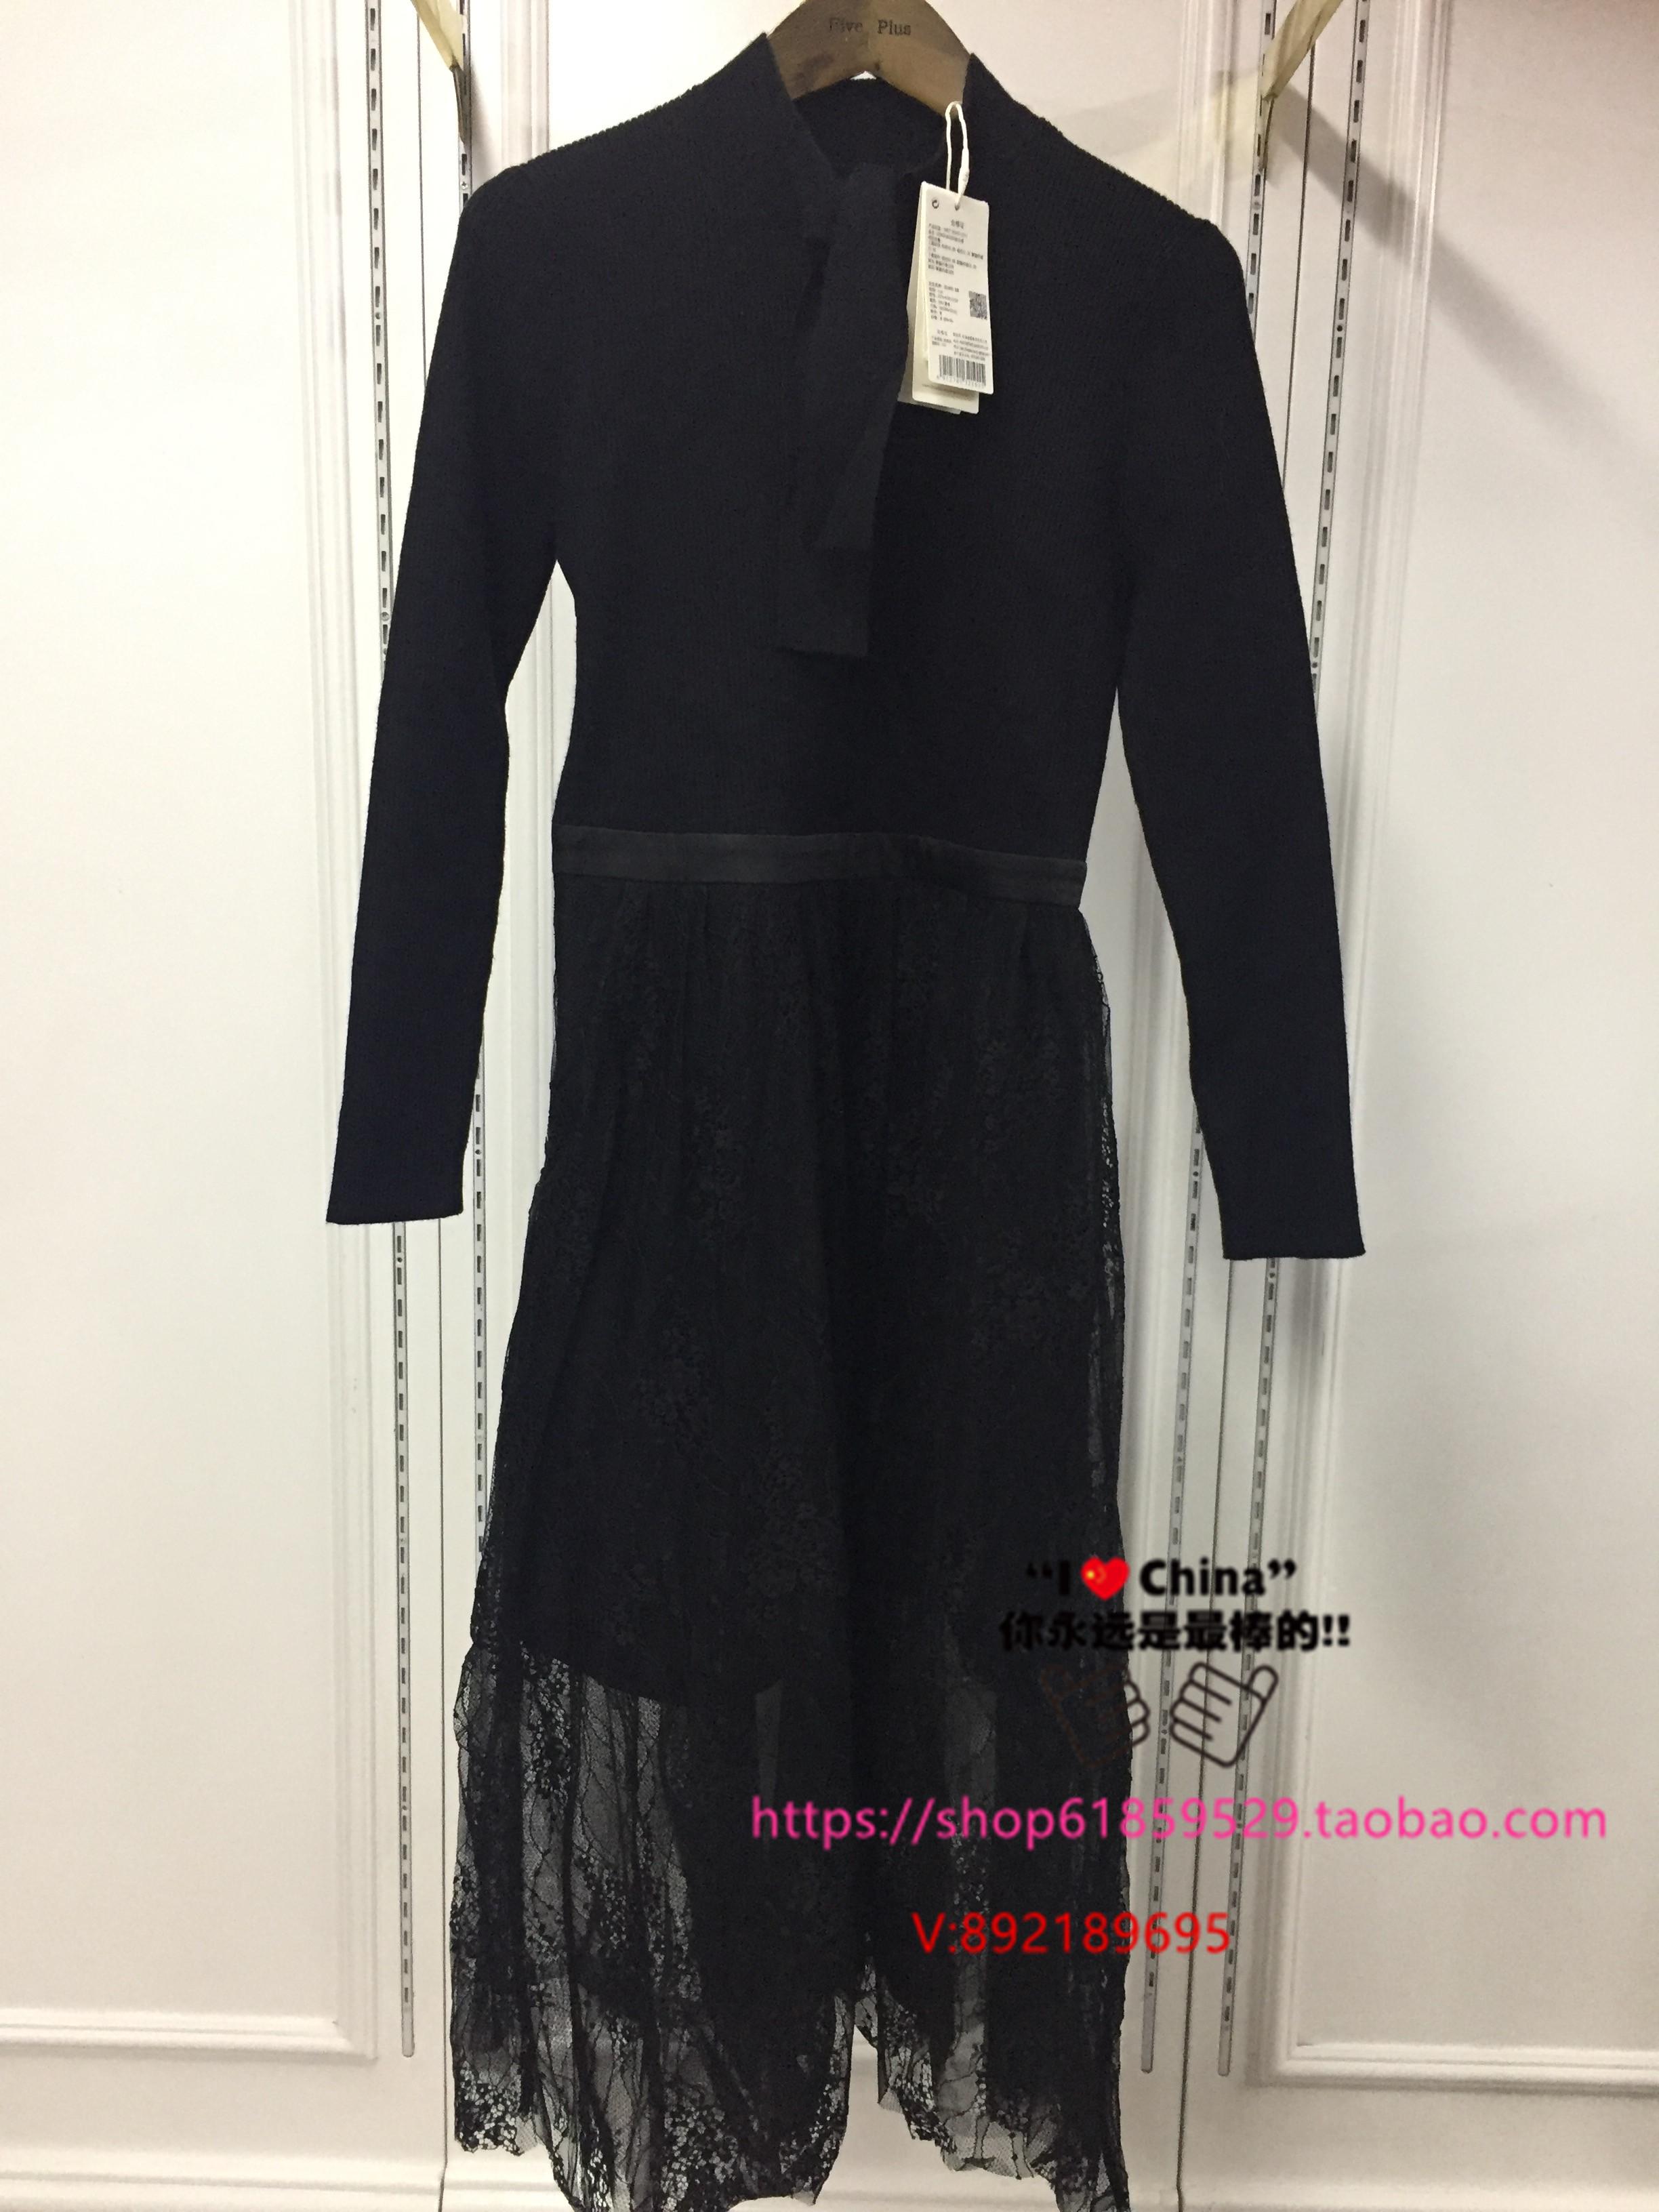 系带55折FivePlus2019冬款现货毛织连衣裙2ZNZN408325011A-699